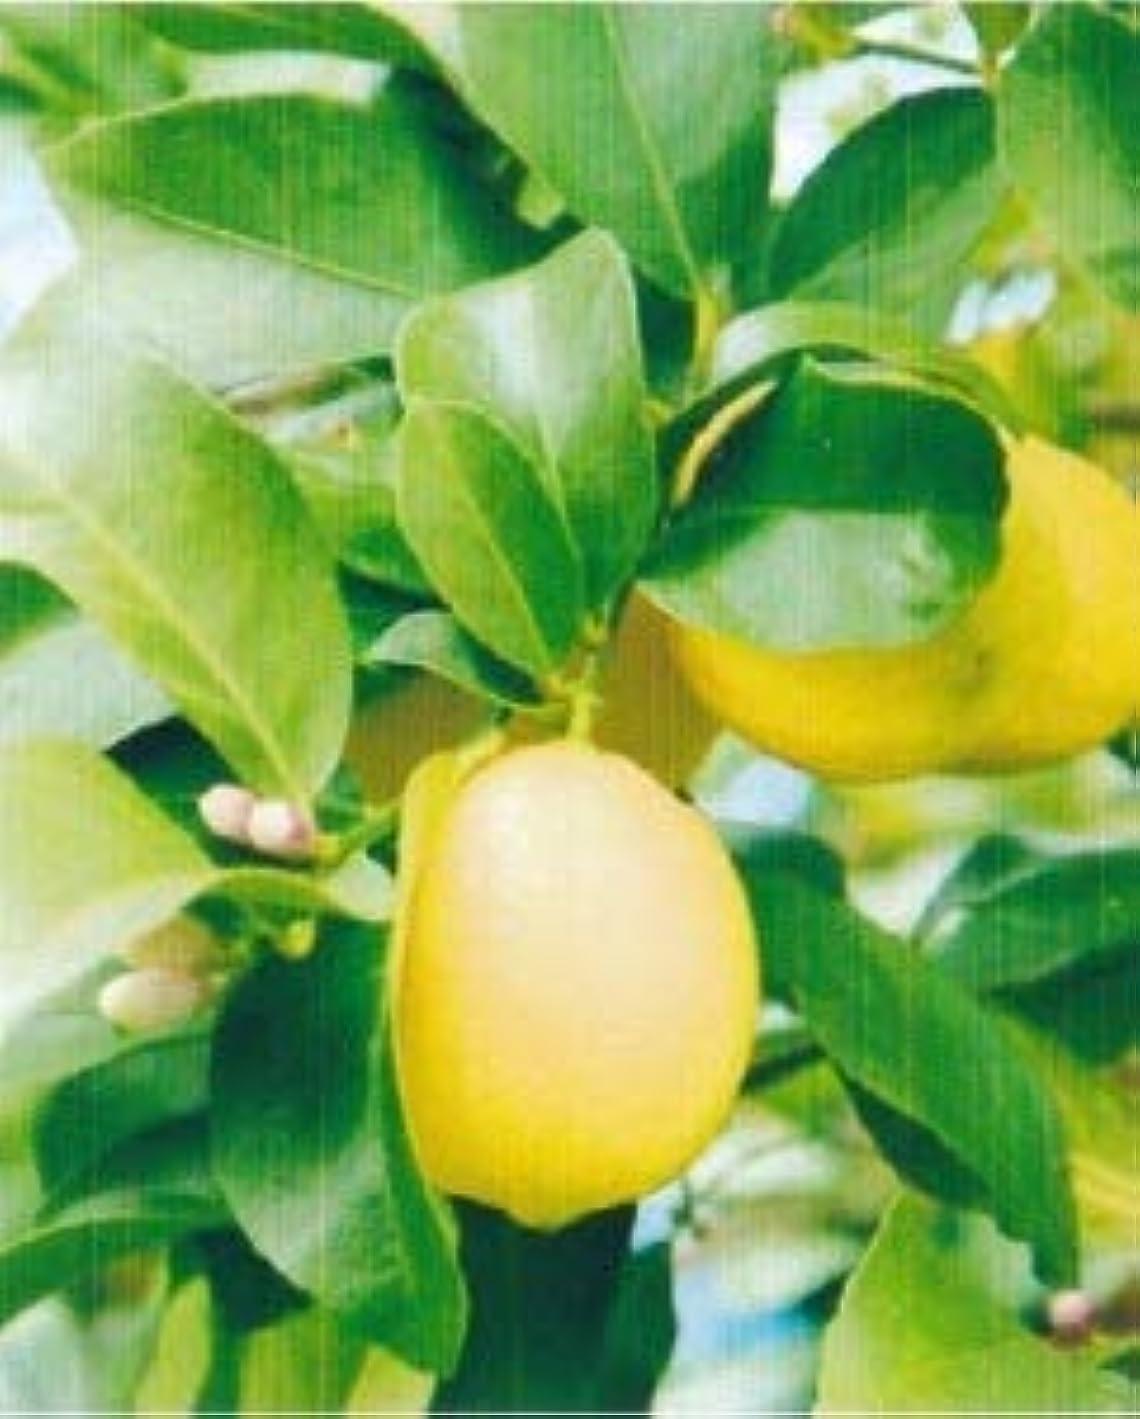 政府みがきます漂流アロマオイル レモンリーフ れもんの葉 5ml エッセンシャルオイル 100%天然成分